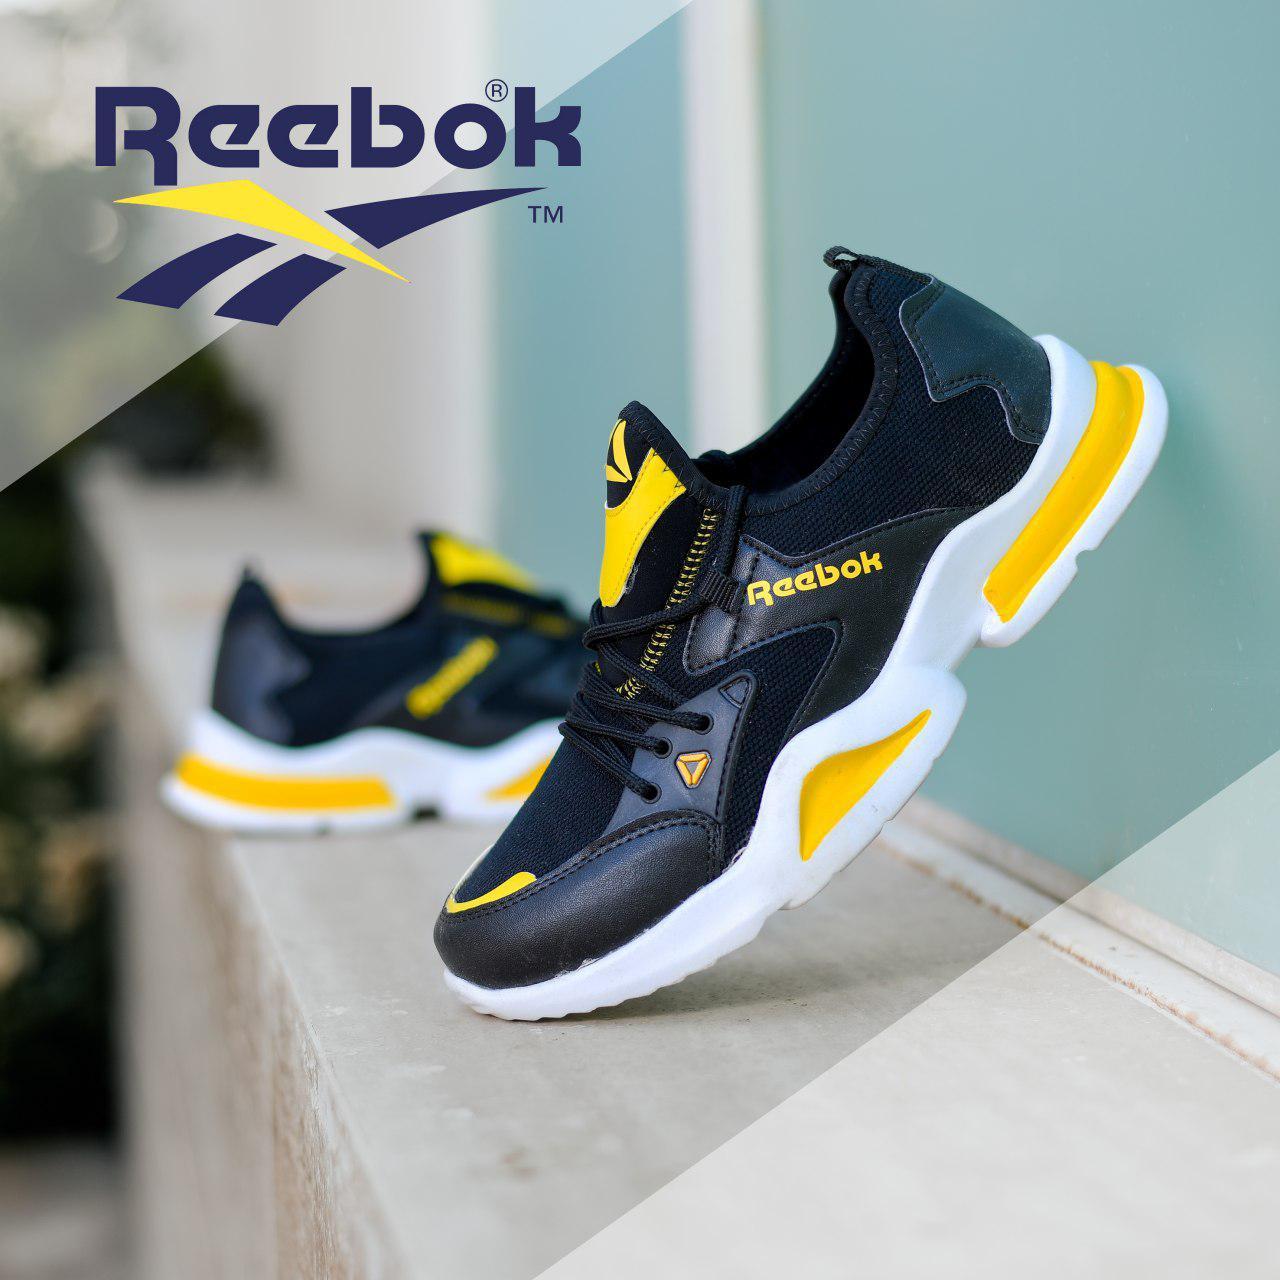 کفش مردانه Reebok مدل Rk (سفید،مشکی)